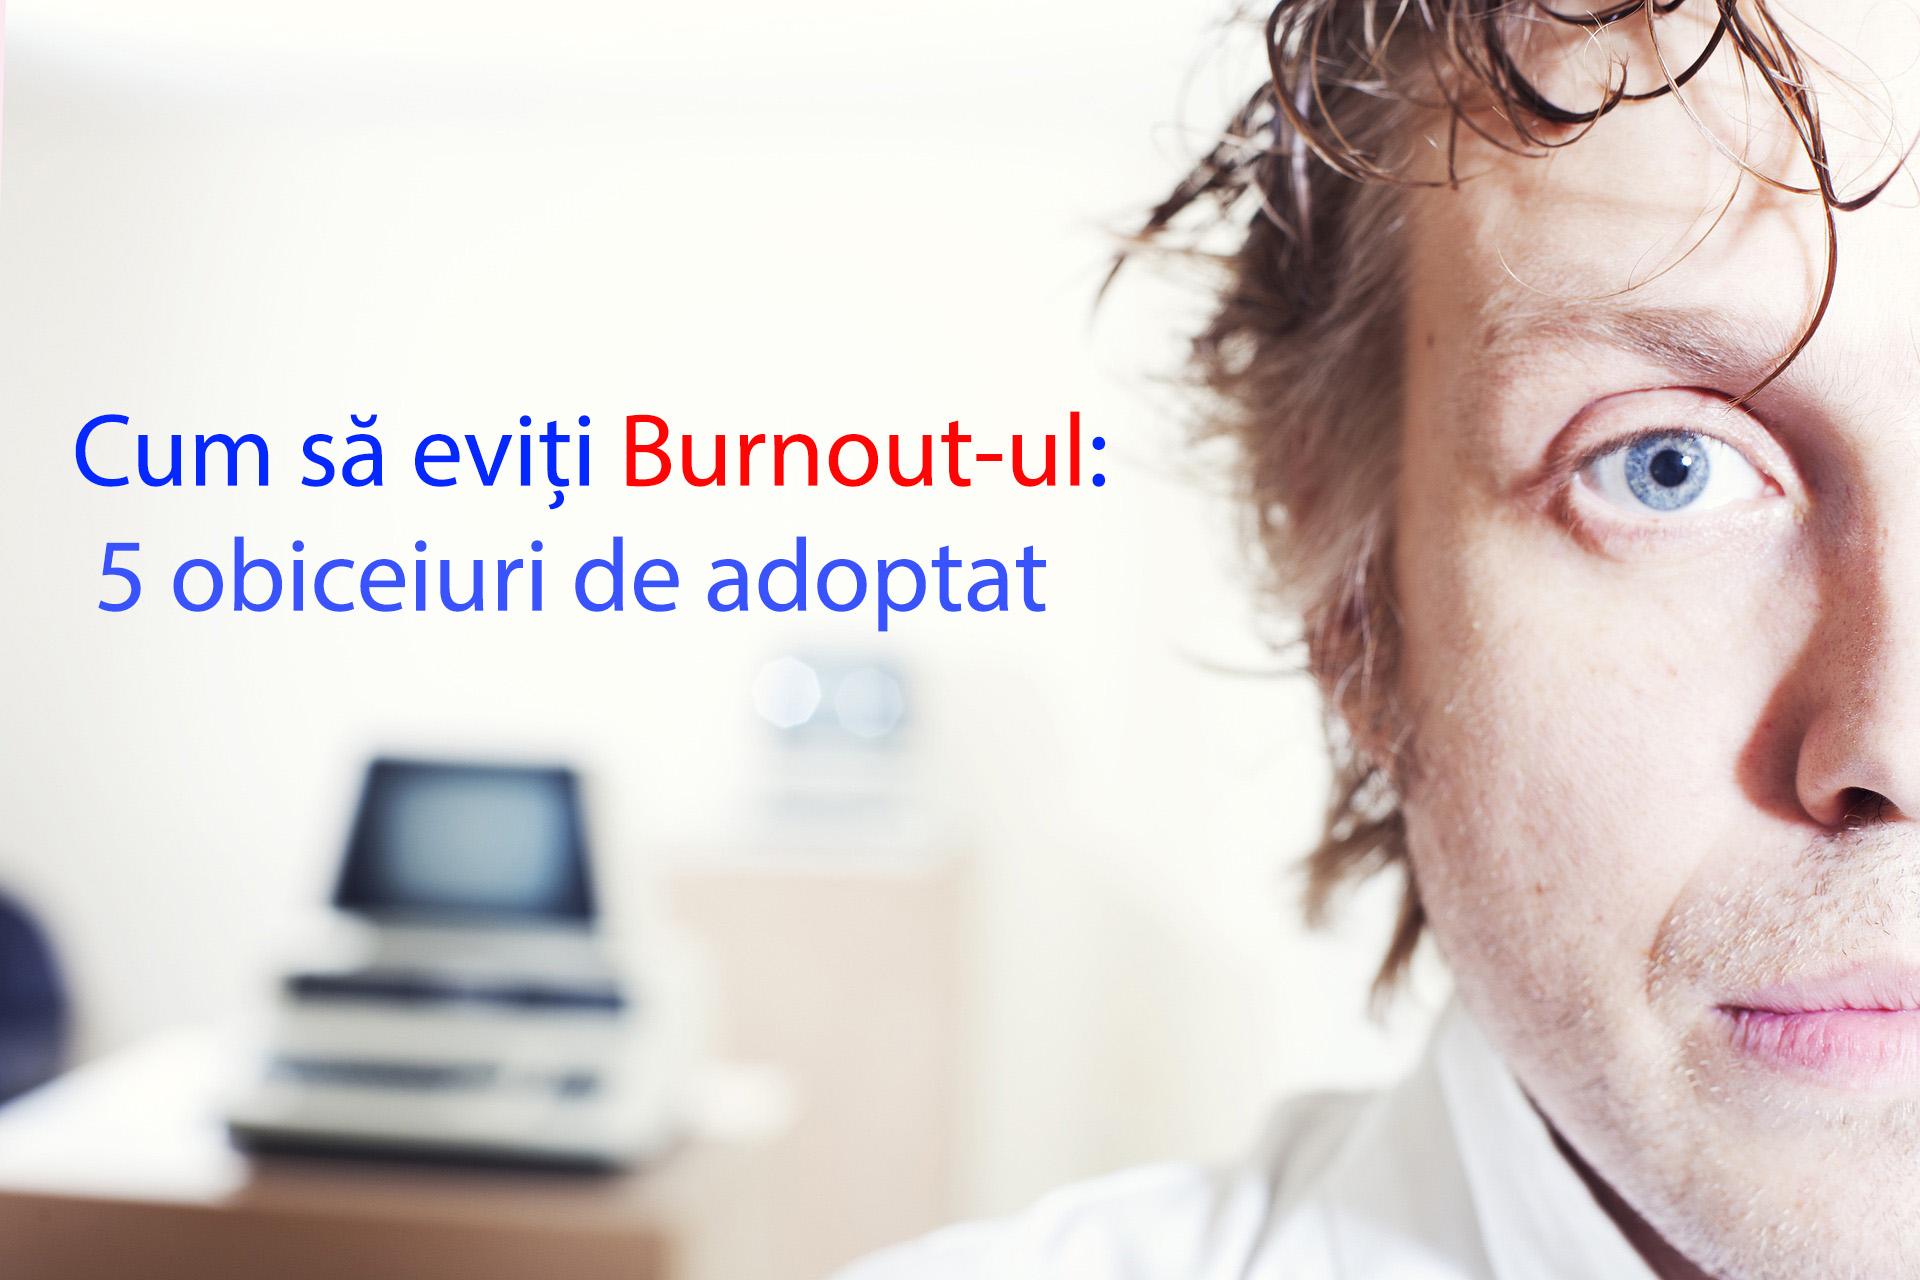 cum-sa-eviti-burnout-ul-5-obiceiuri-de-adoptat